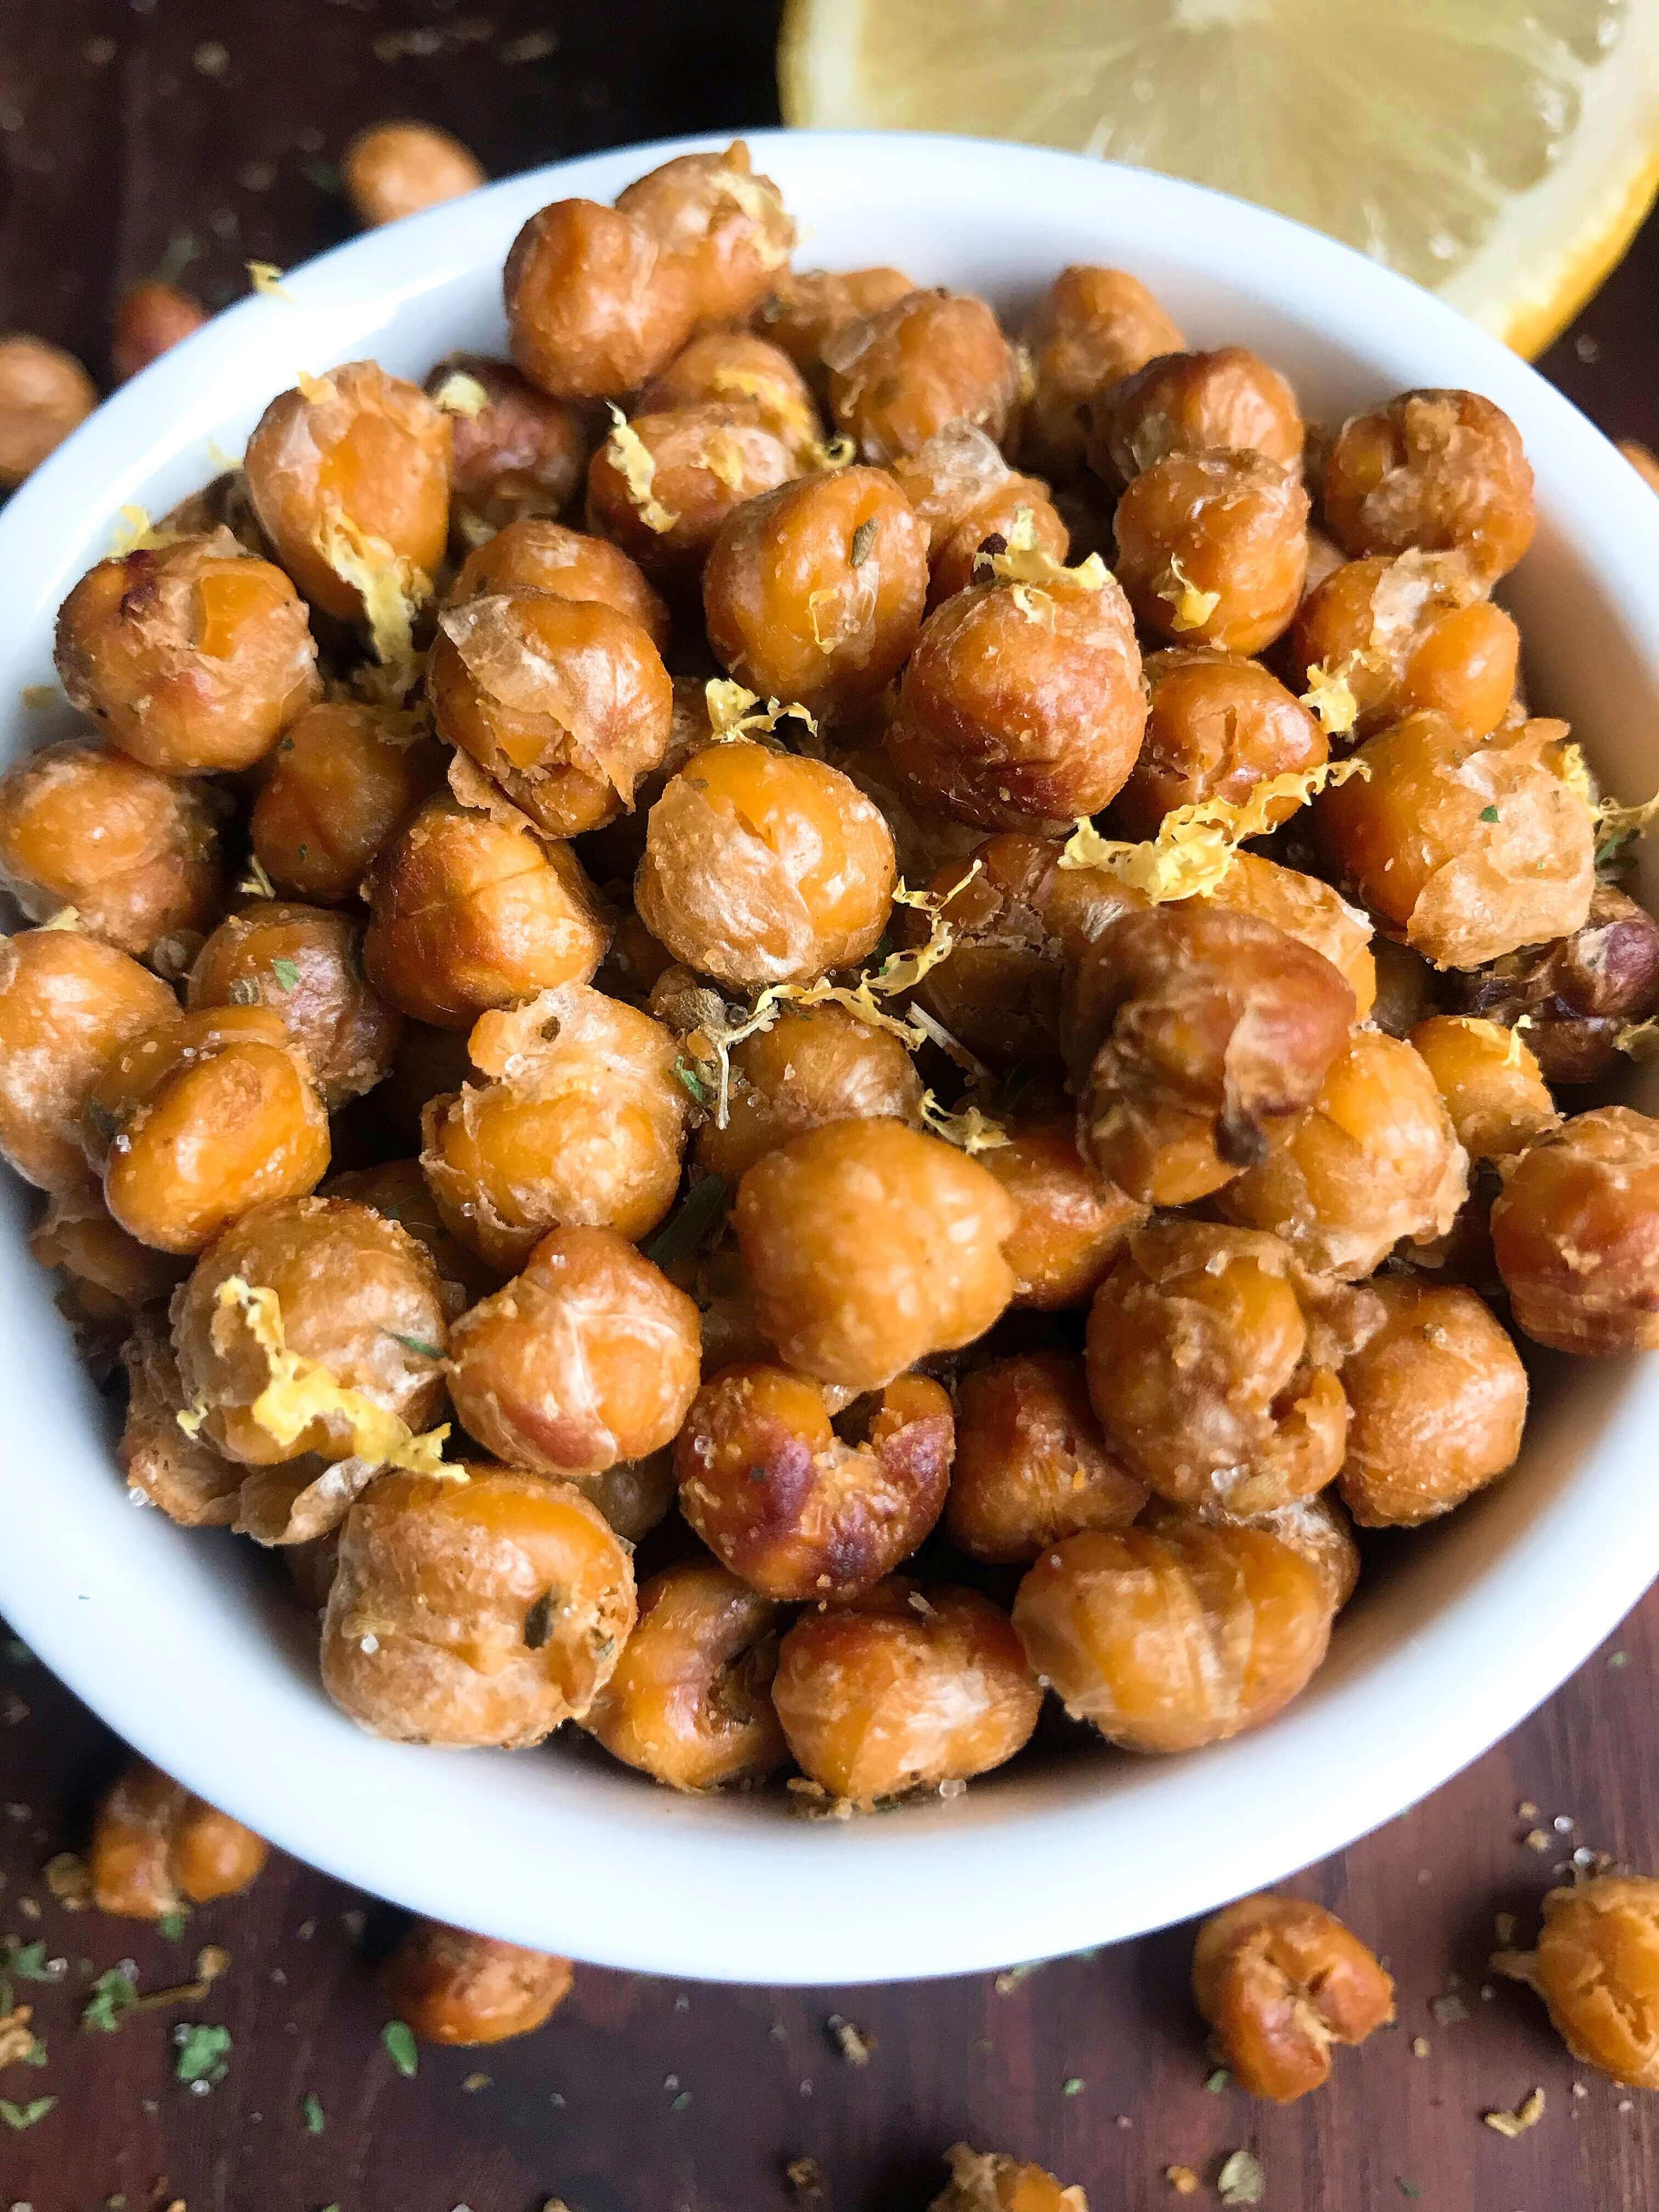 Oregano Lemon Roasted Chickpeas